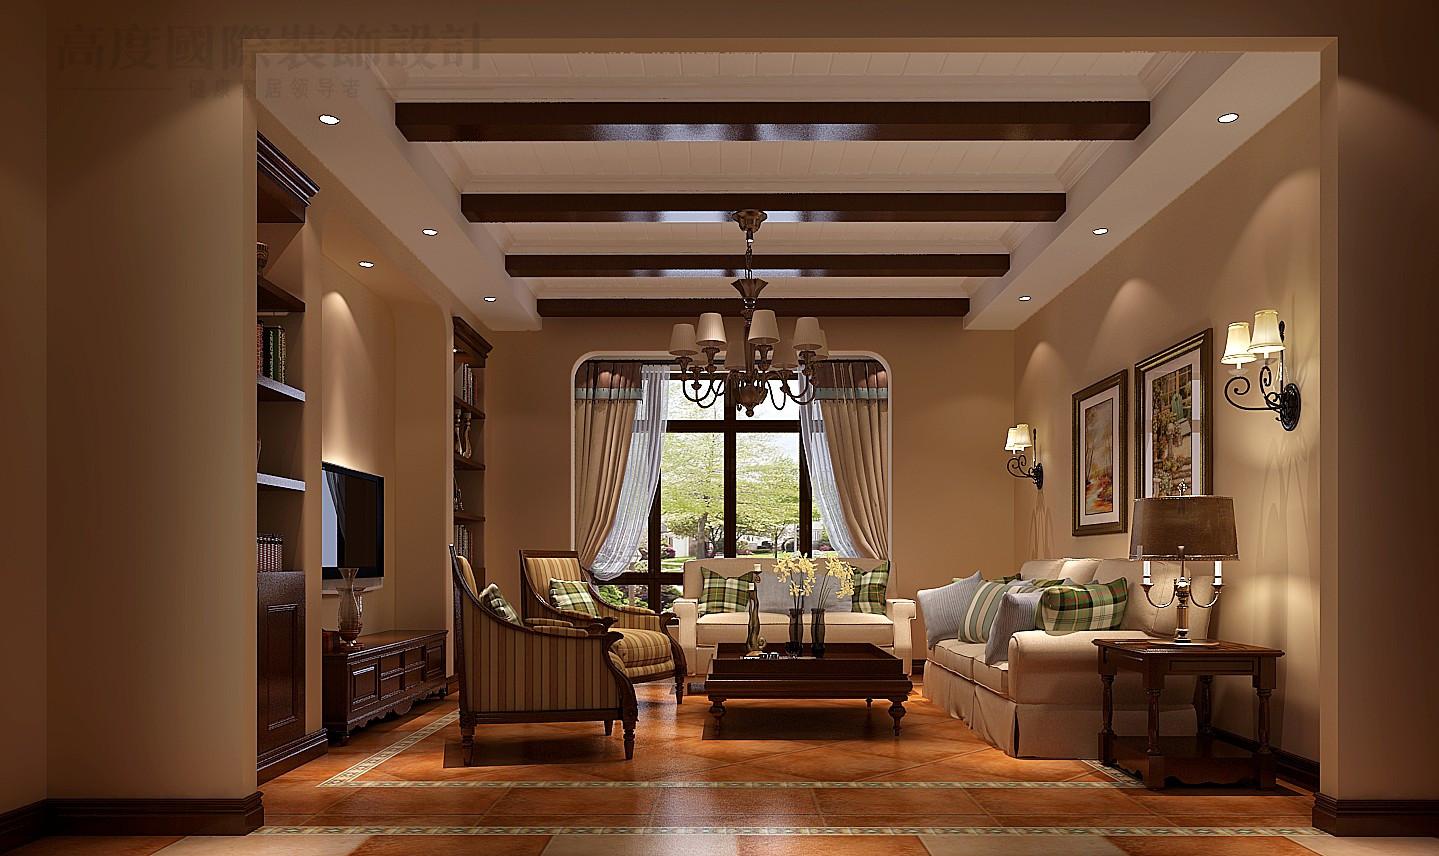 别墅 美式 80后 小资 四居 客厅图片来自高度国际别墅装饰设计在红杉溪谷美式别墅设计的分享